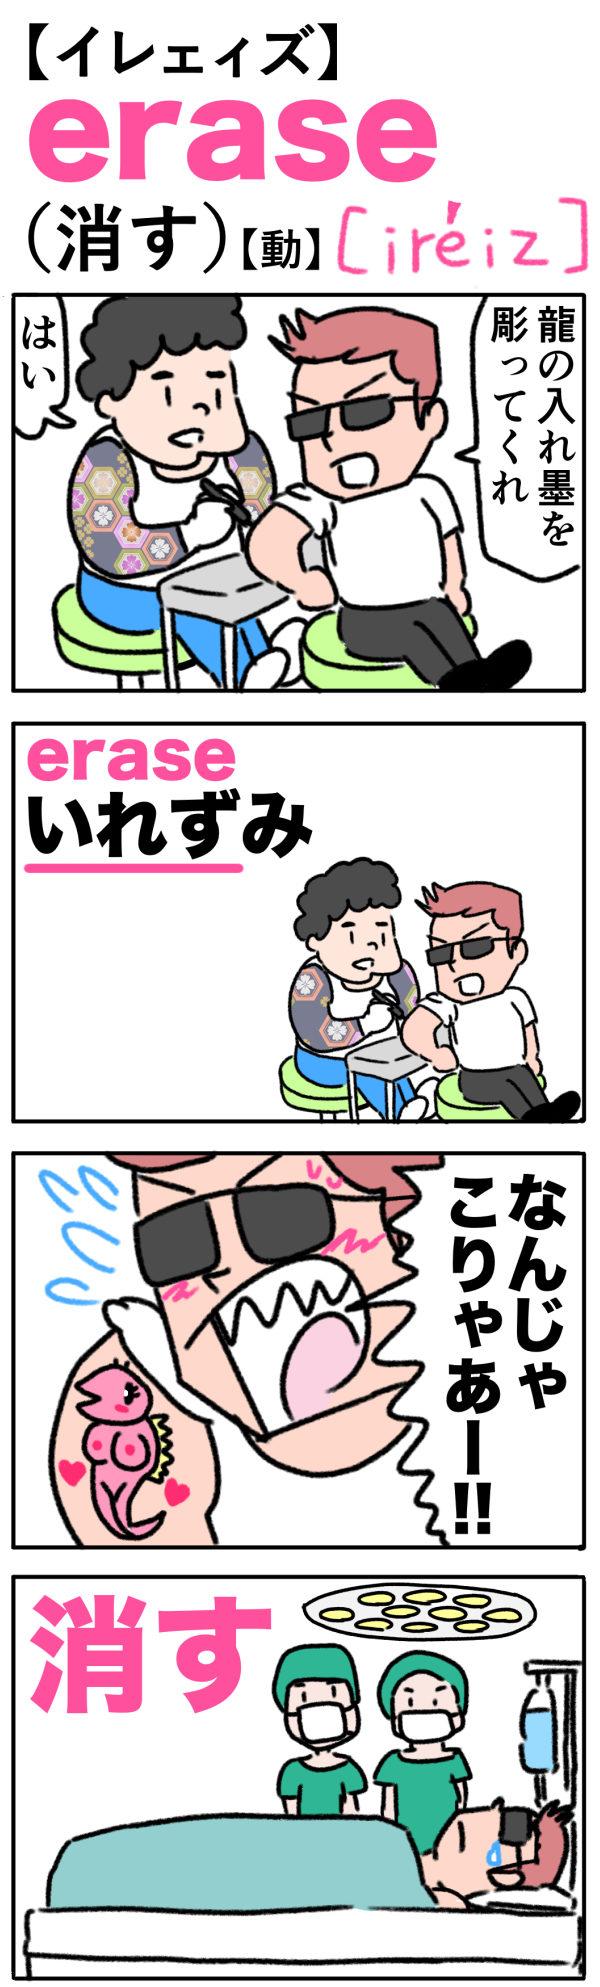 erase(消す)の語呂合わせ英単語